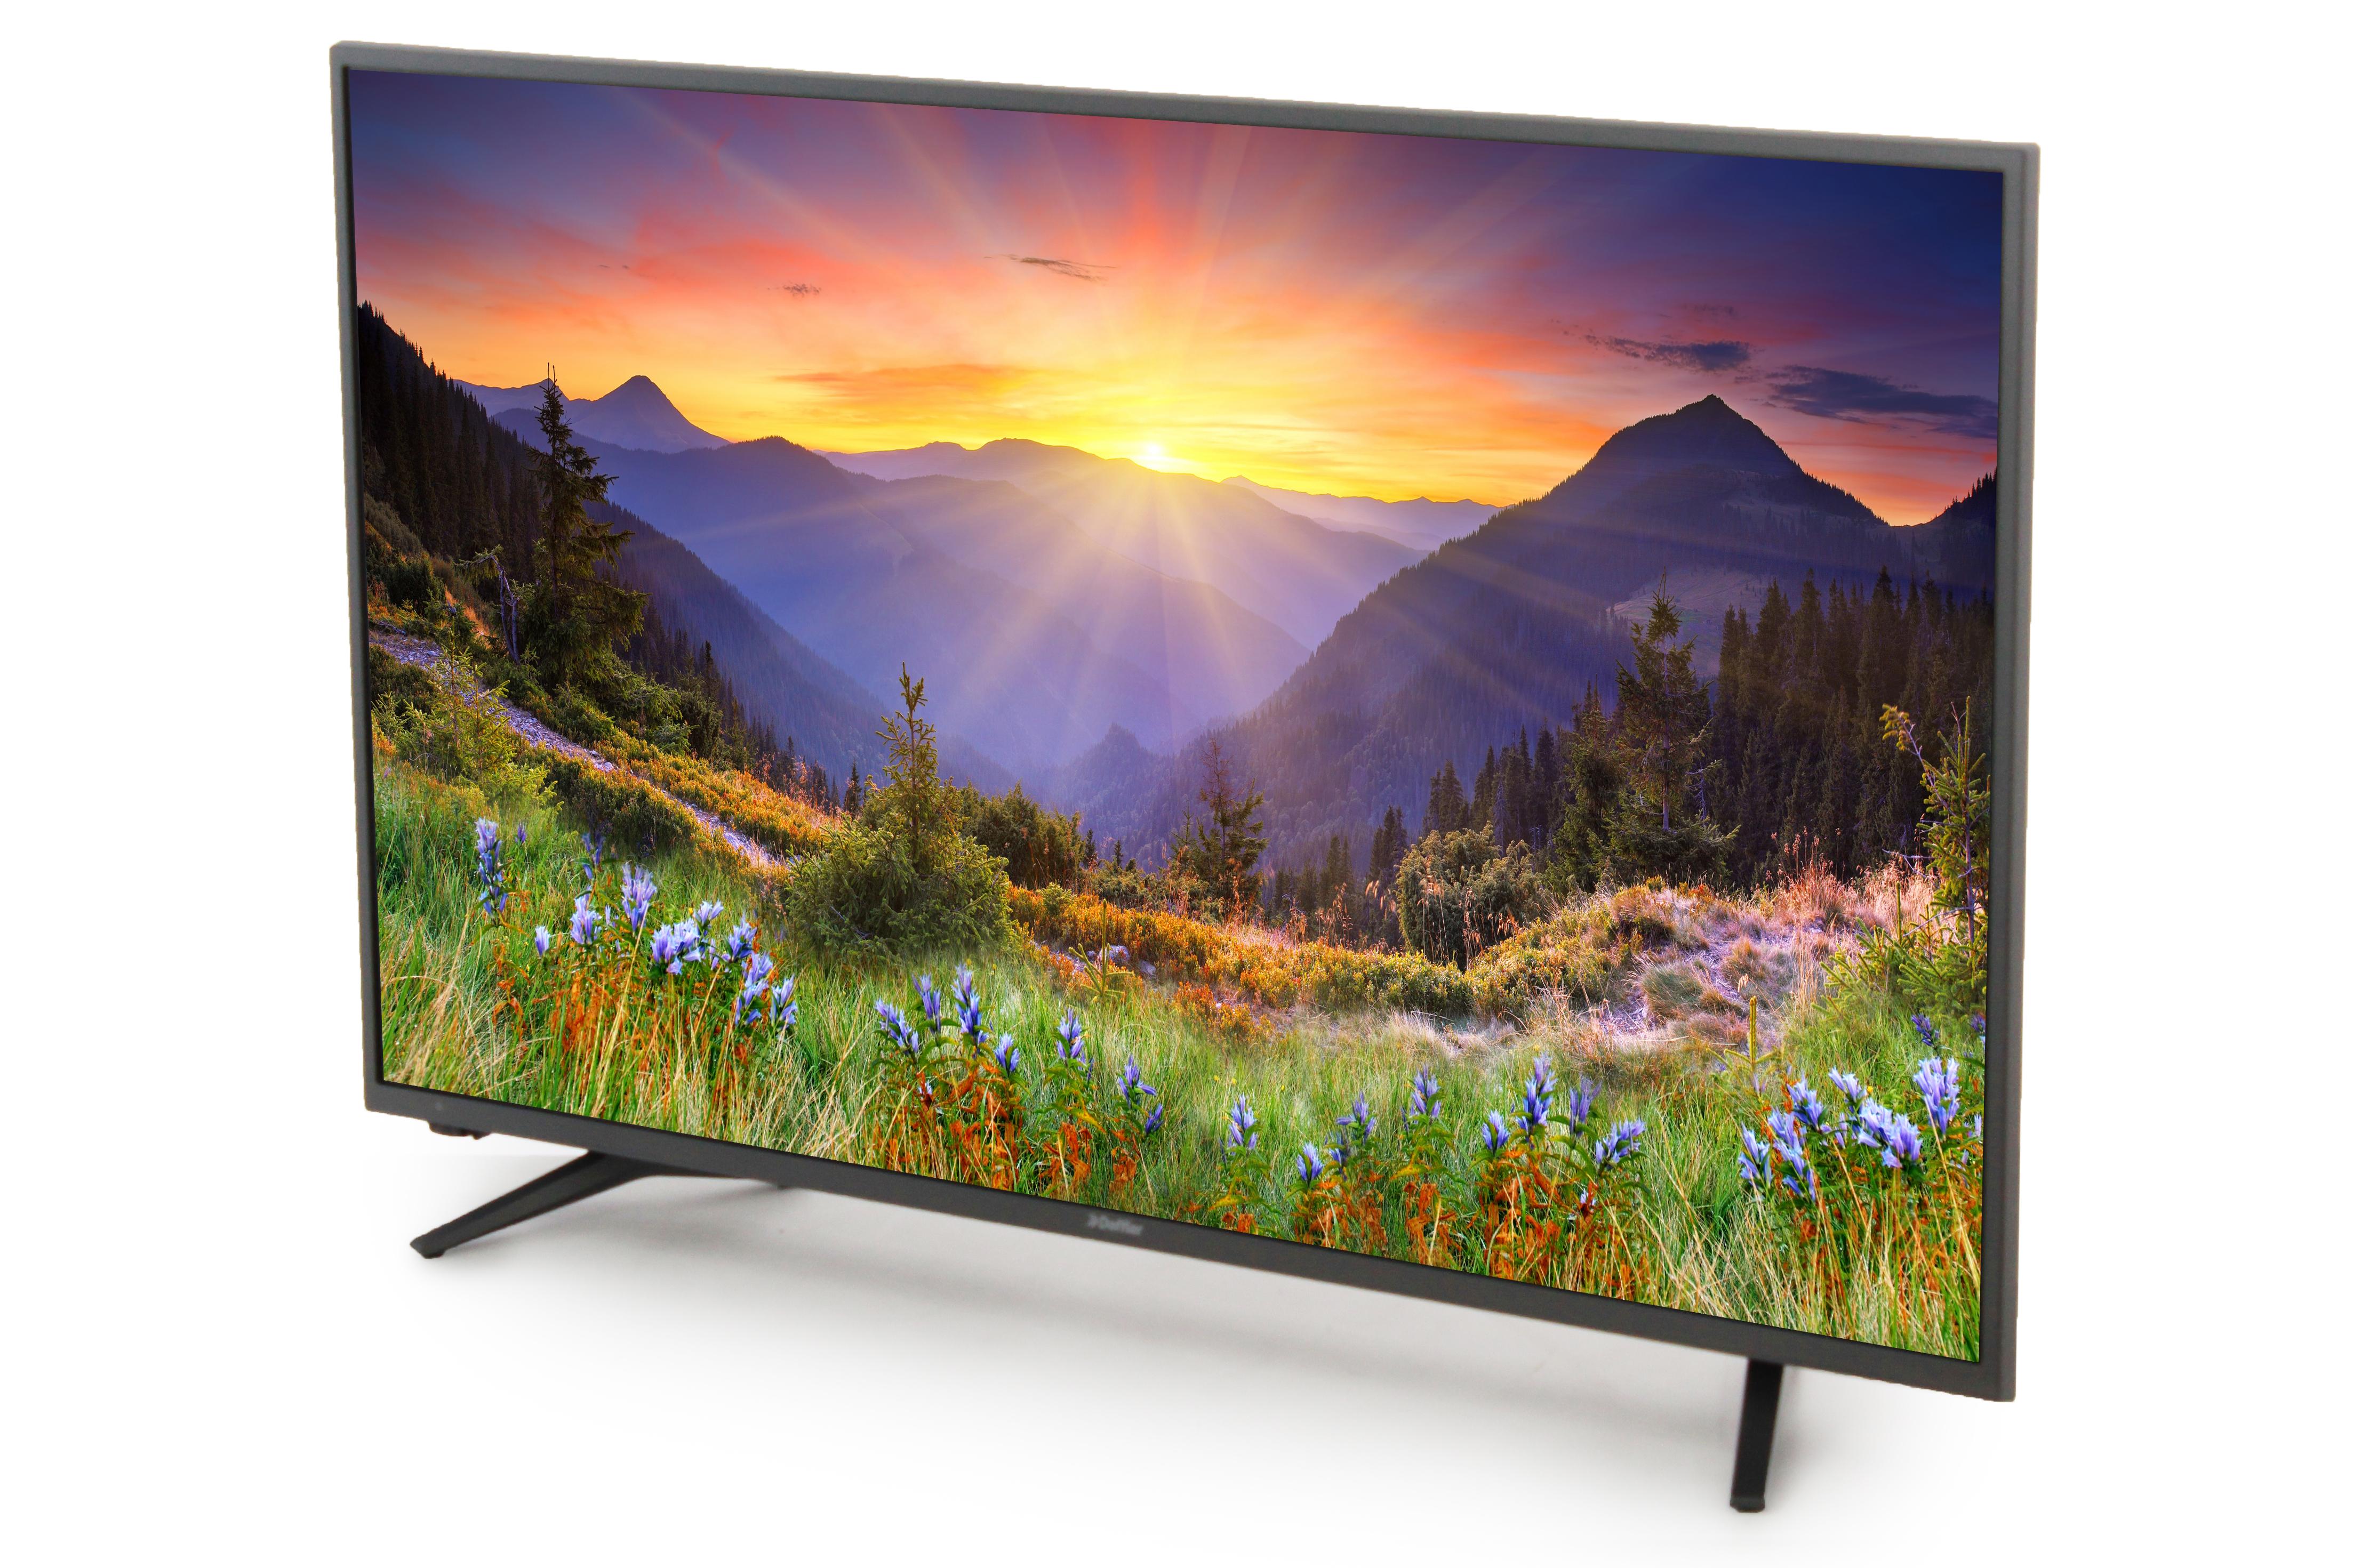 вид, телевизор с хорошим качеством картинки вот